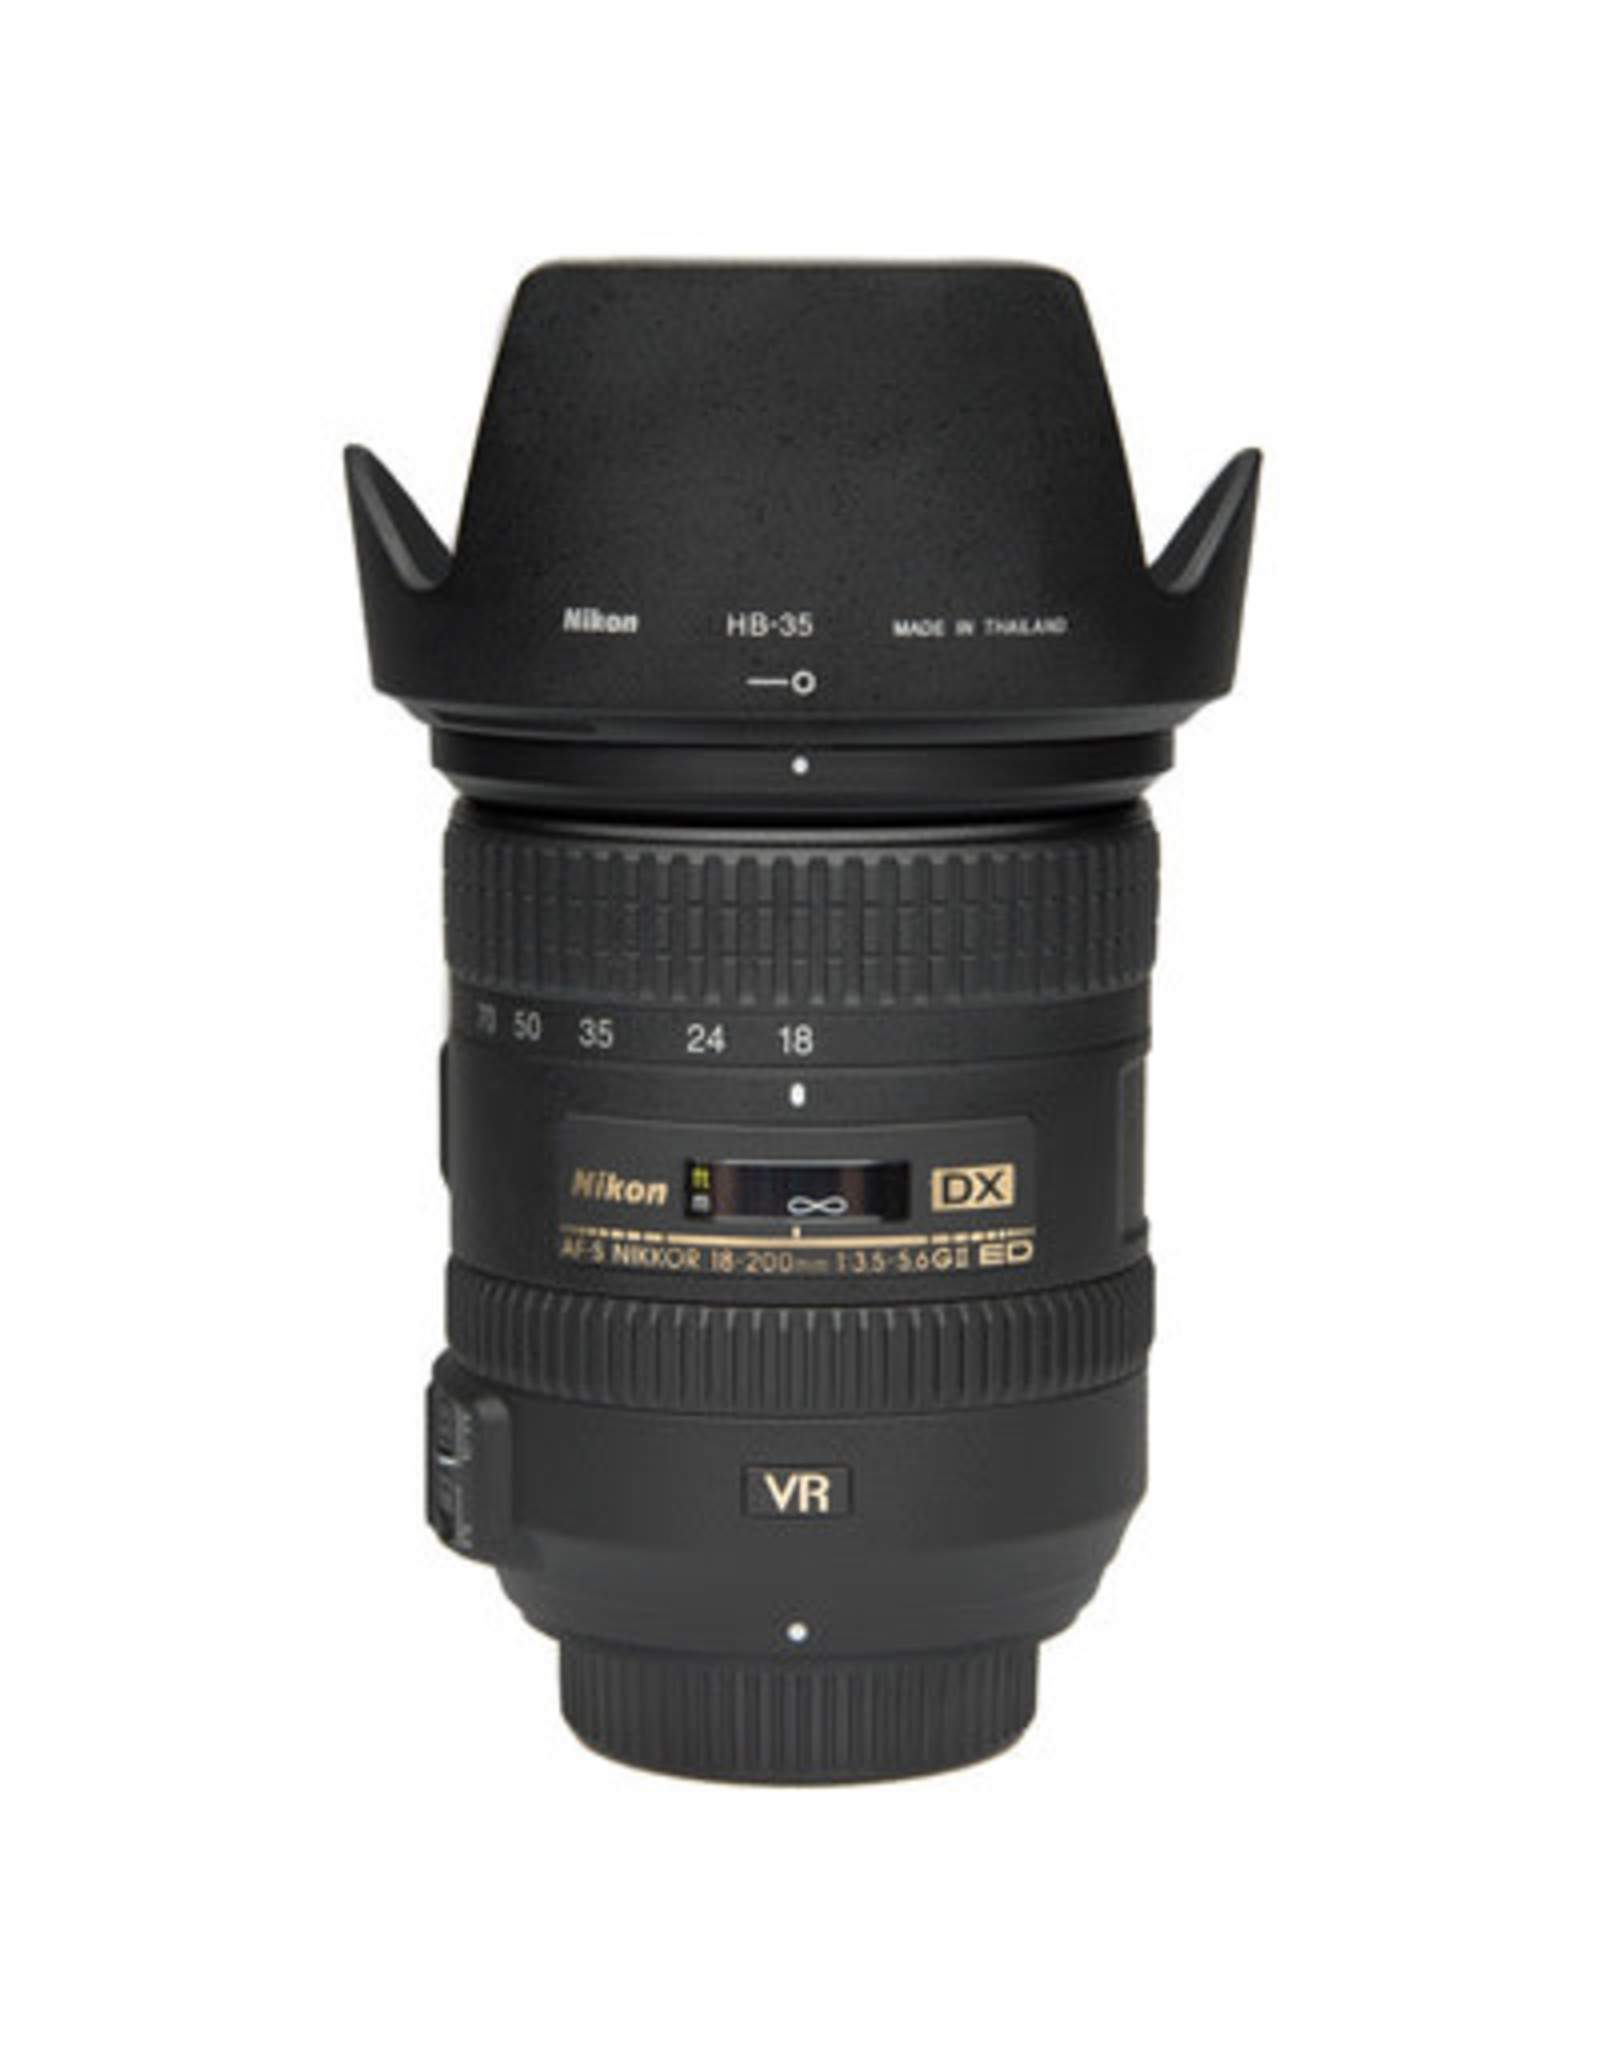 Nikon Nikon AF-S Nikkor 18-200 F3.5-5.6 G DX  ED VR lens